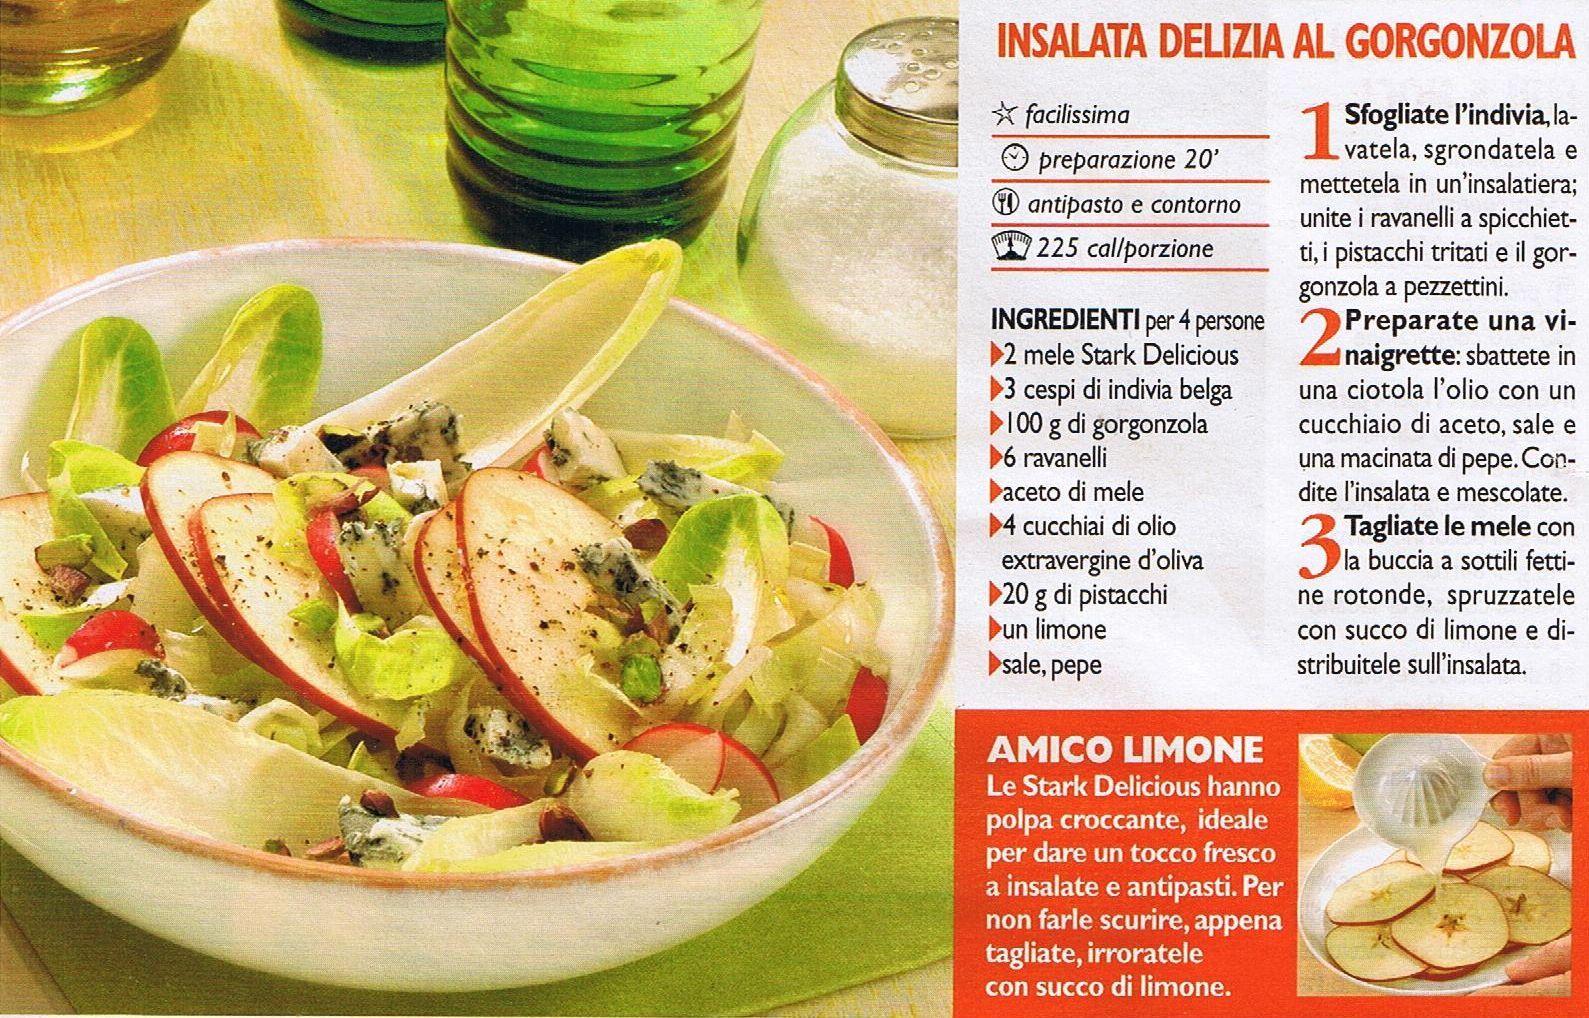 insalata delizia al gorgonzola